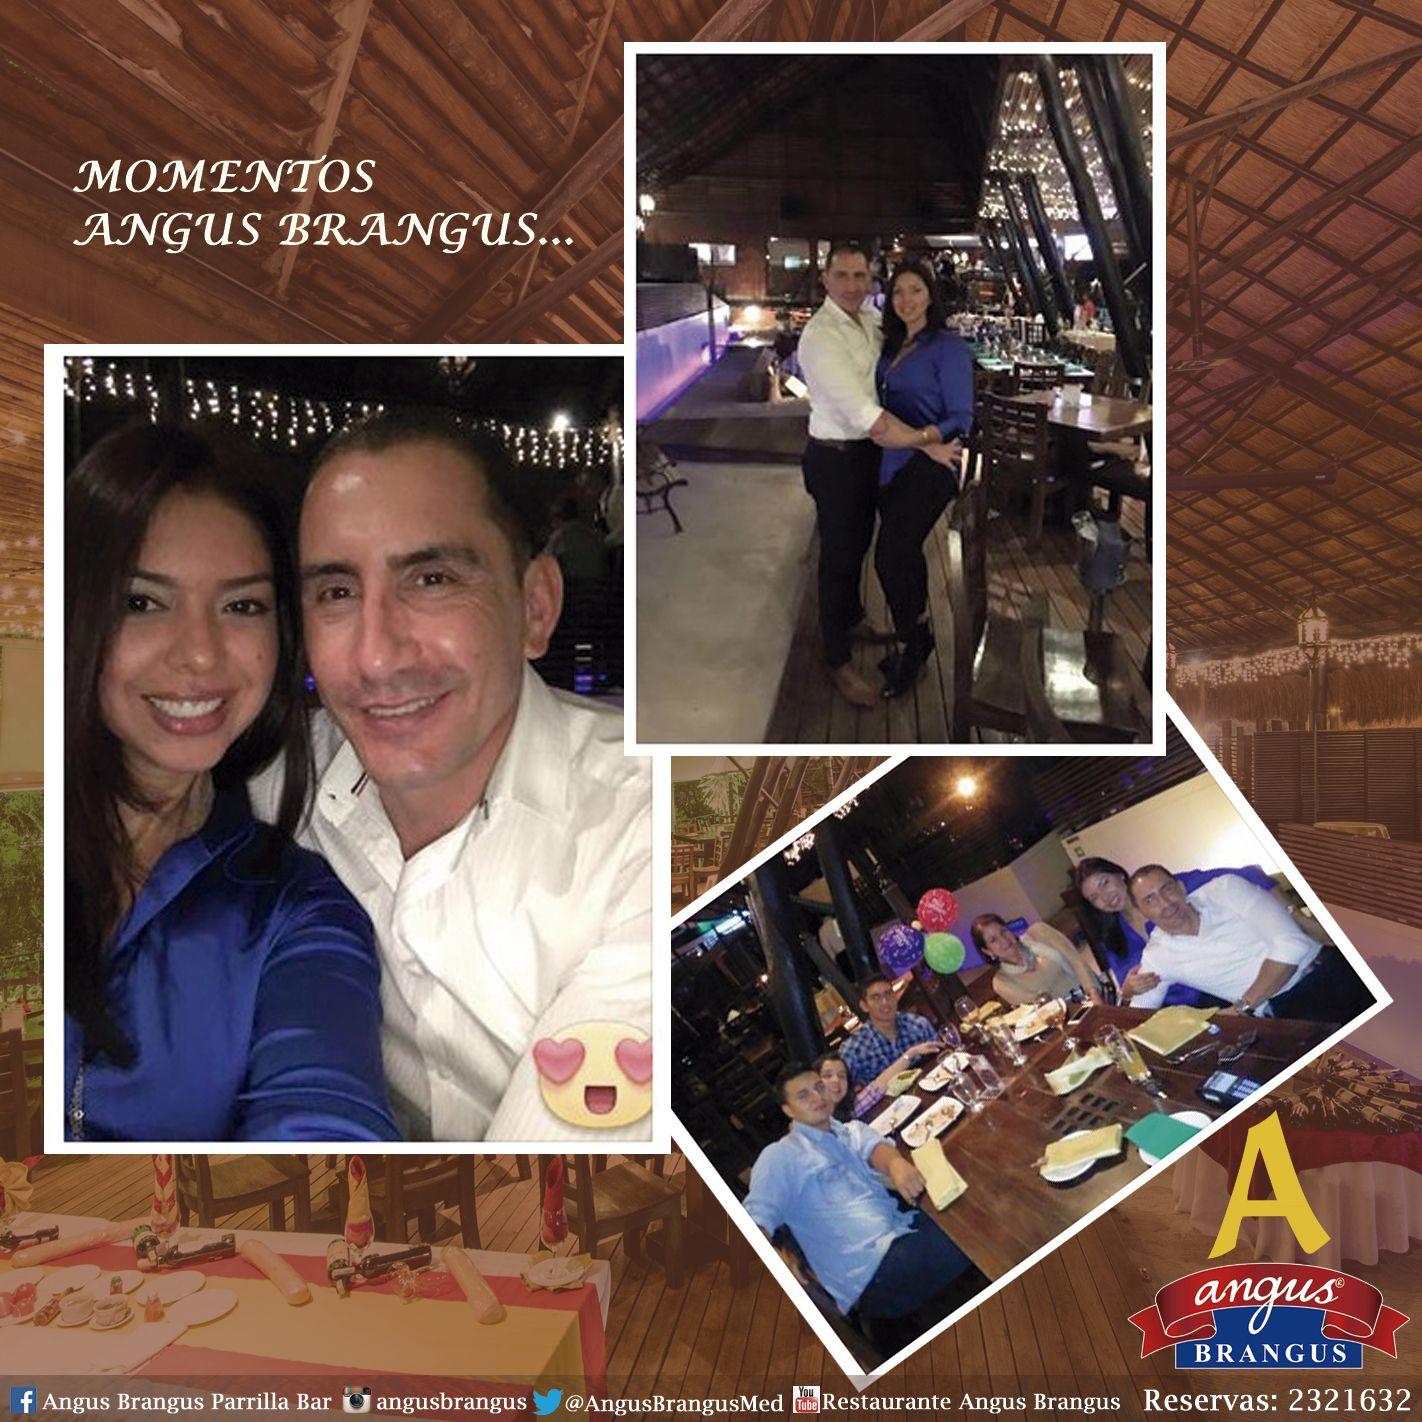 Natalia Buitrago, nos comparte sus momentos especiales en Angus Brangus. Gracias por su visita y esperamos tener el placer de atenderla nuevamente.   #AngusBrangus #Experienciasgastronómicas #Medellín #RestaurantesMedellín